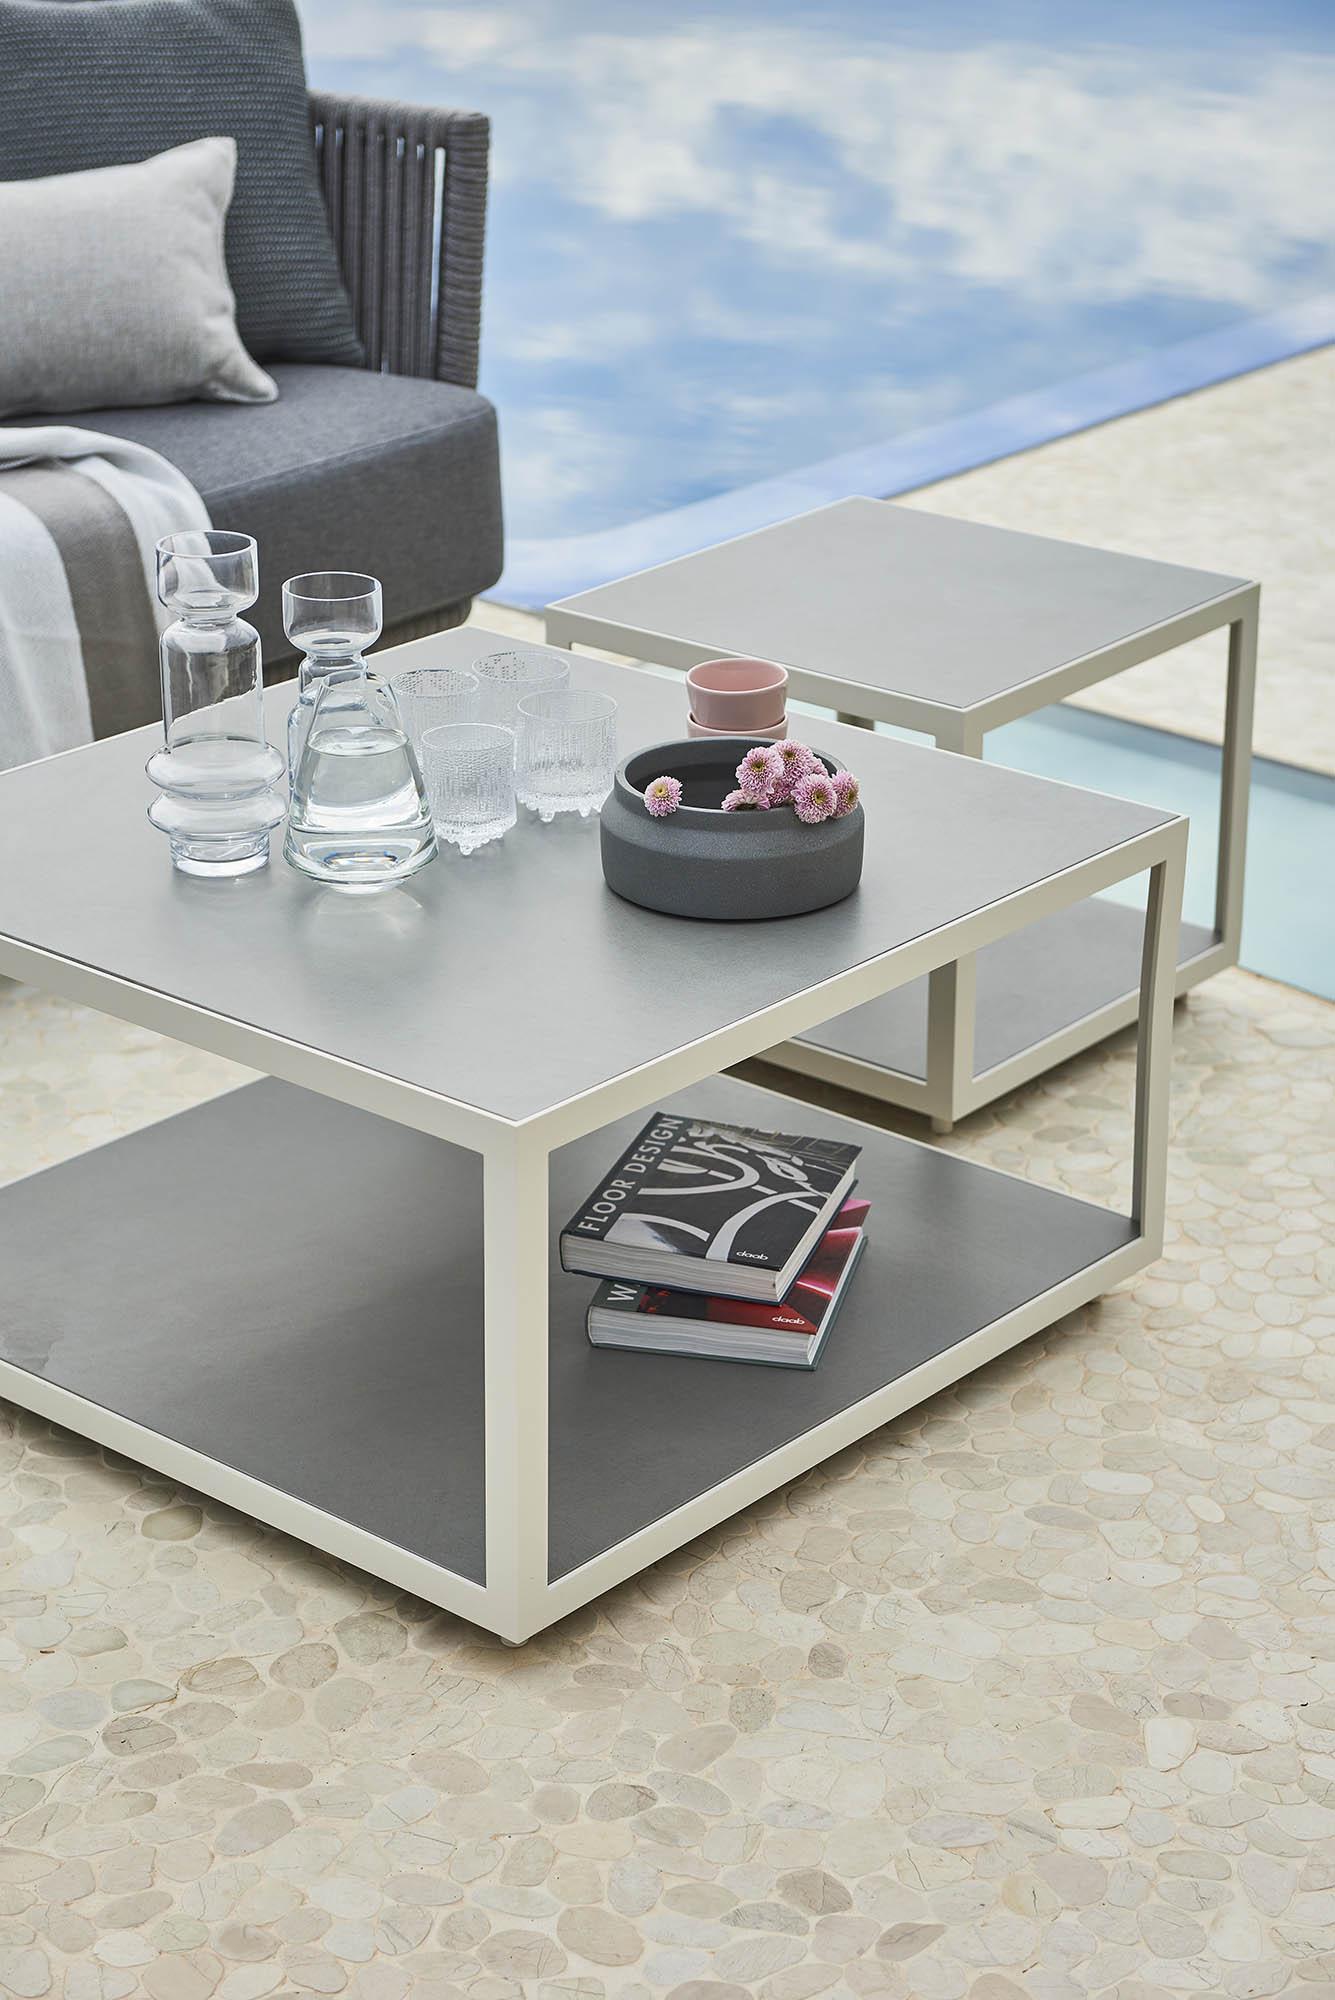 Level soffbord och sidobord i vit aluminium med ljusgrå keramikbordsskiva.